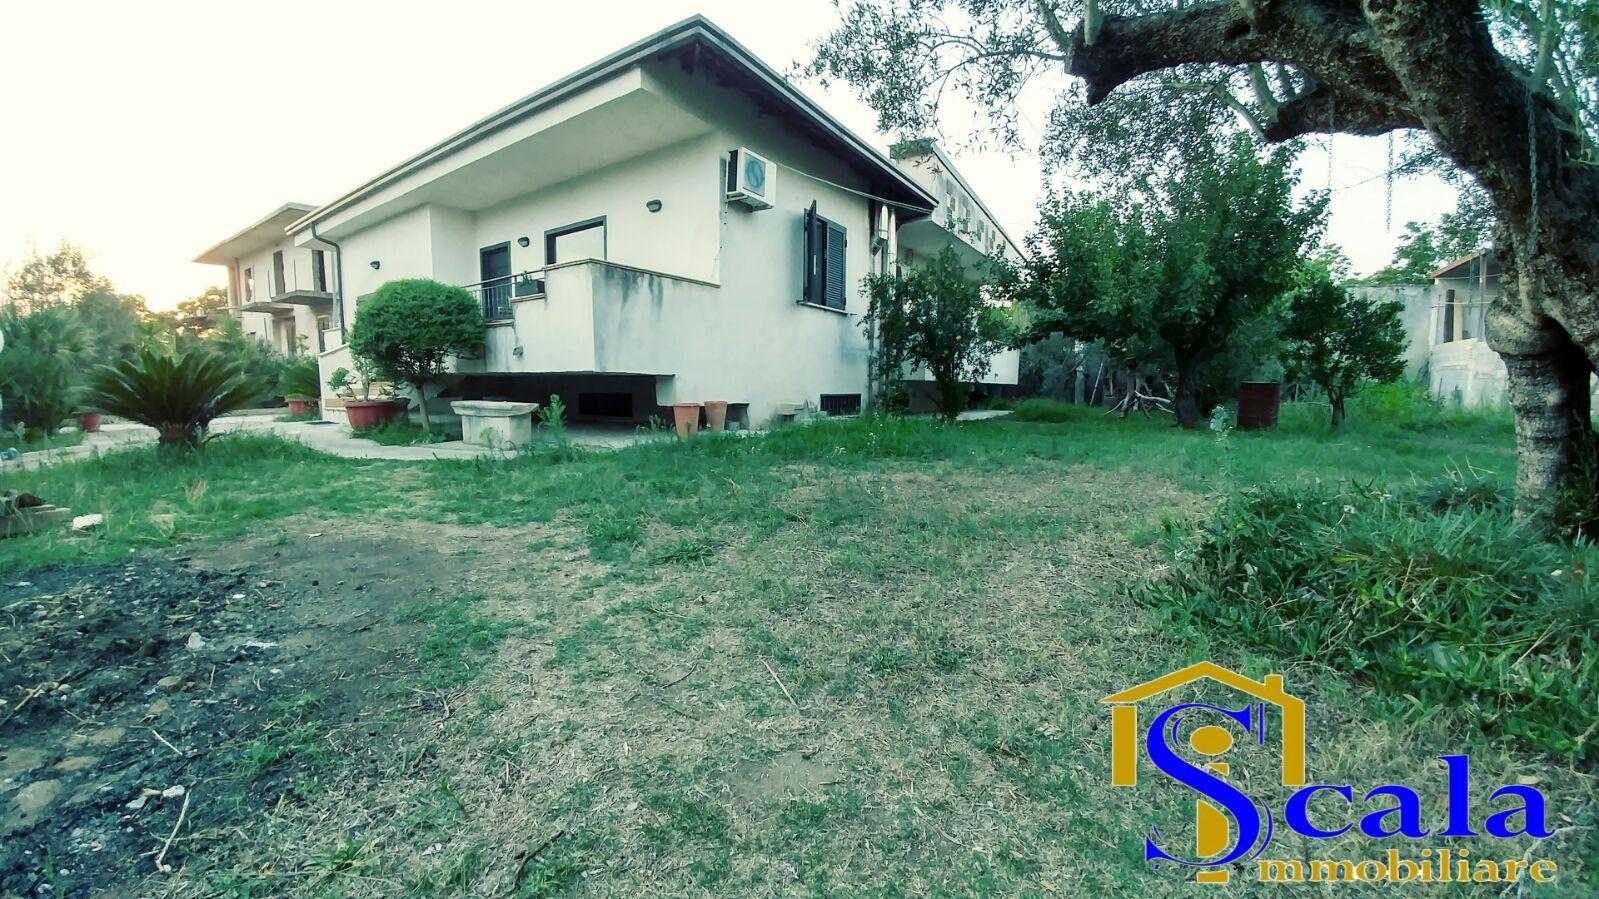 Soluzione Indipendente in vendita a Capua, 5 locali, zona Località: S.AngeloinFormis, prezzo € 245.000 | Cambio Casa.it